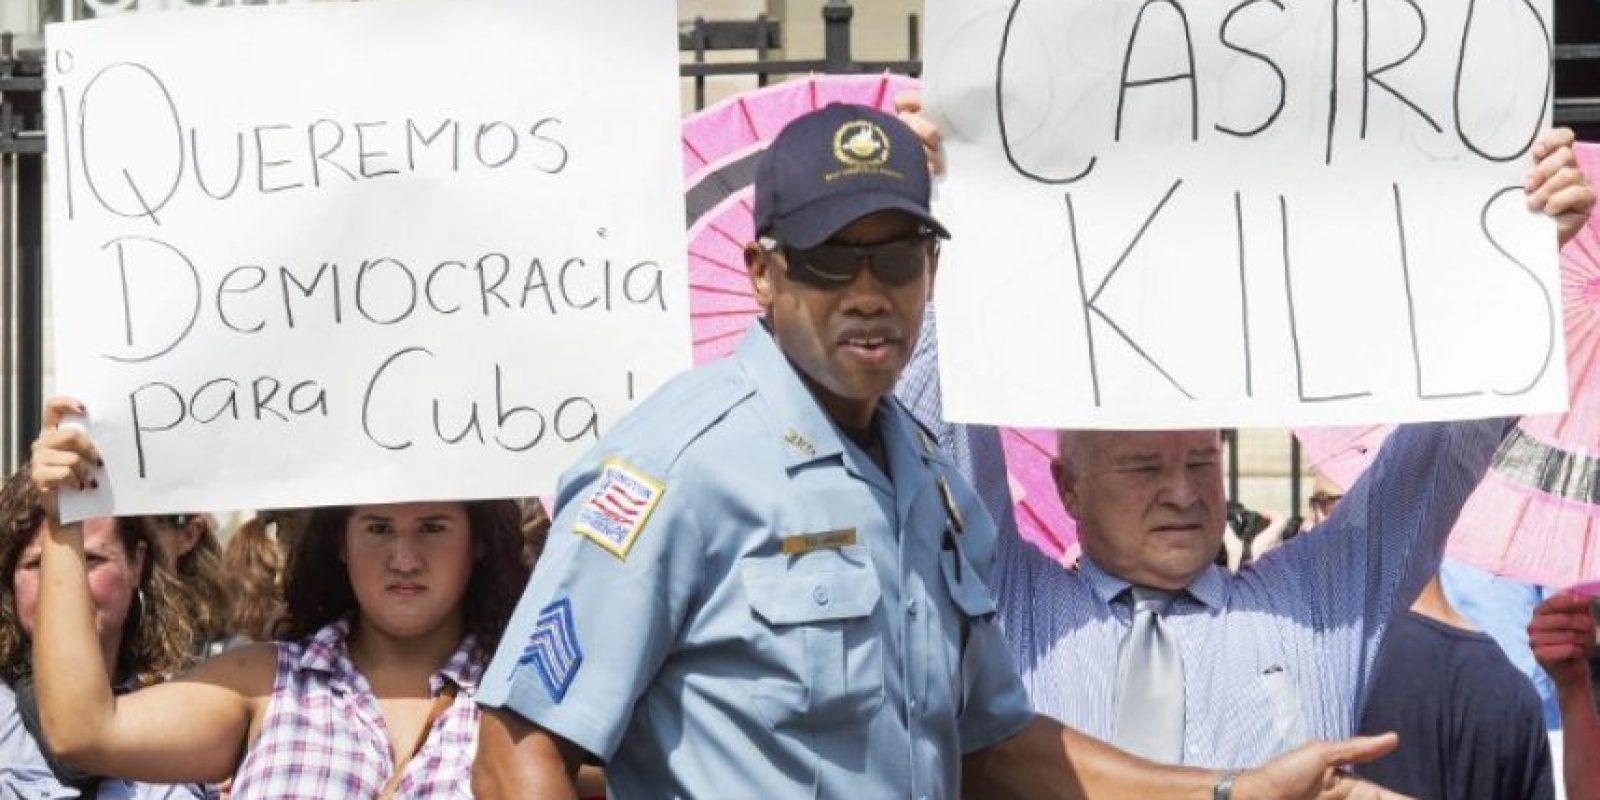 Hubo consignas en contra de los Castro cuando se izaba la bandera en Washington DC Foto:AFP